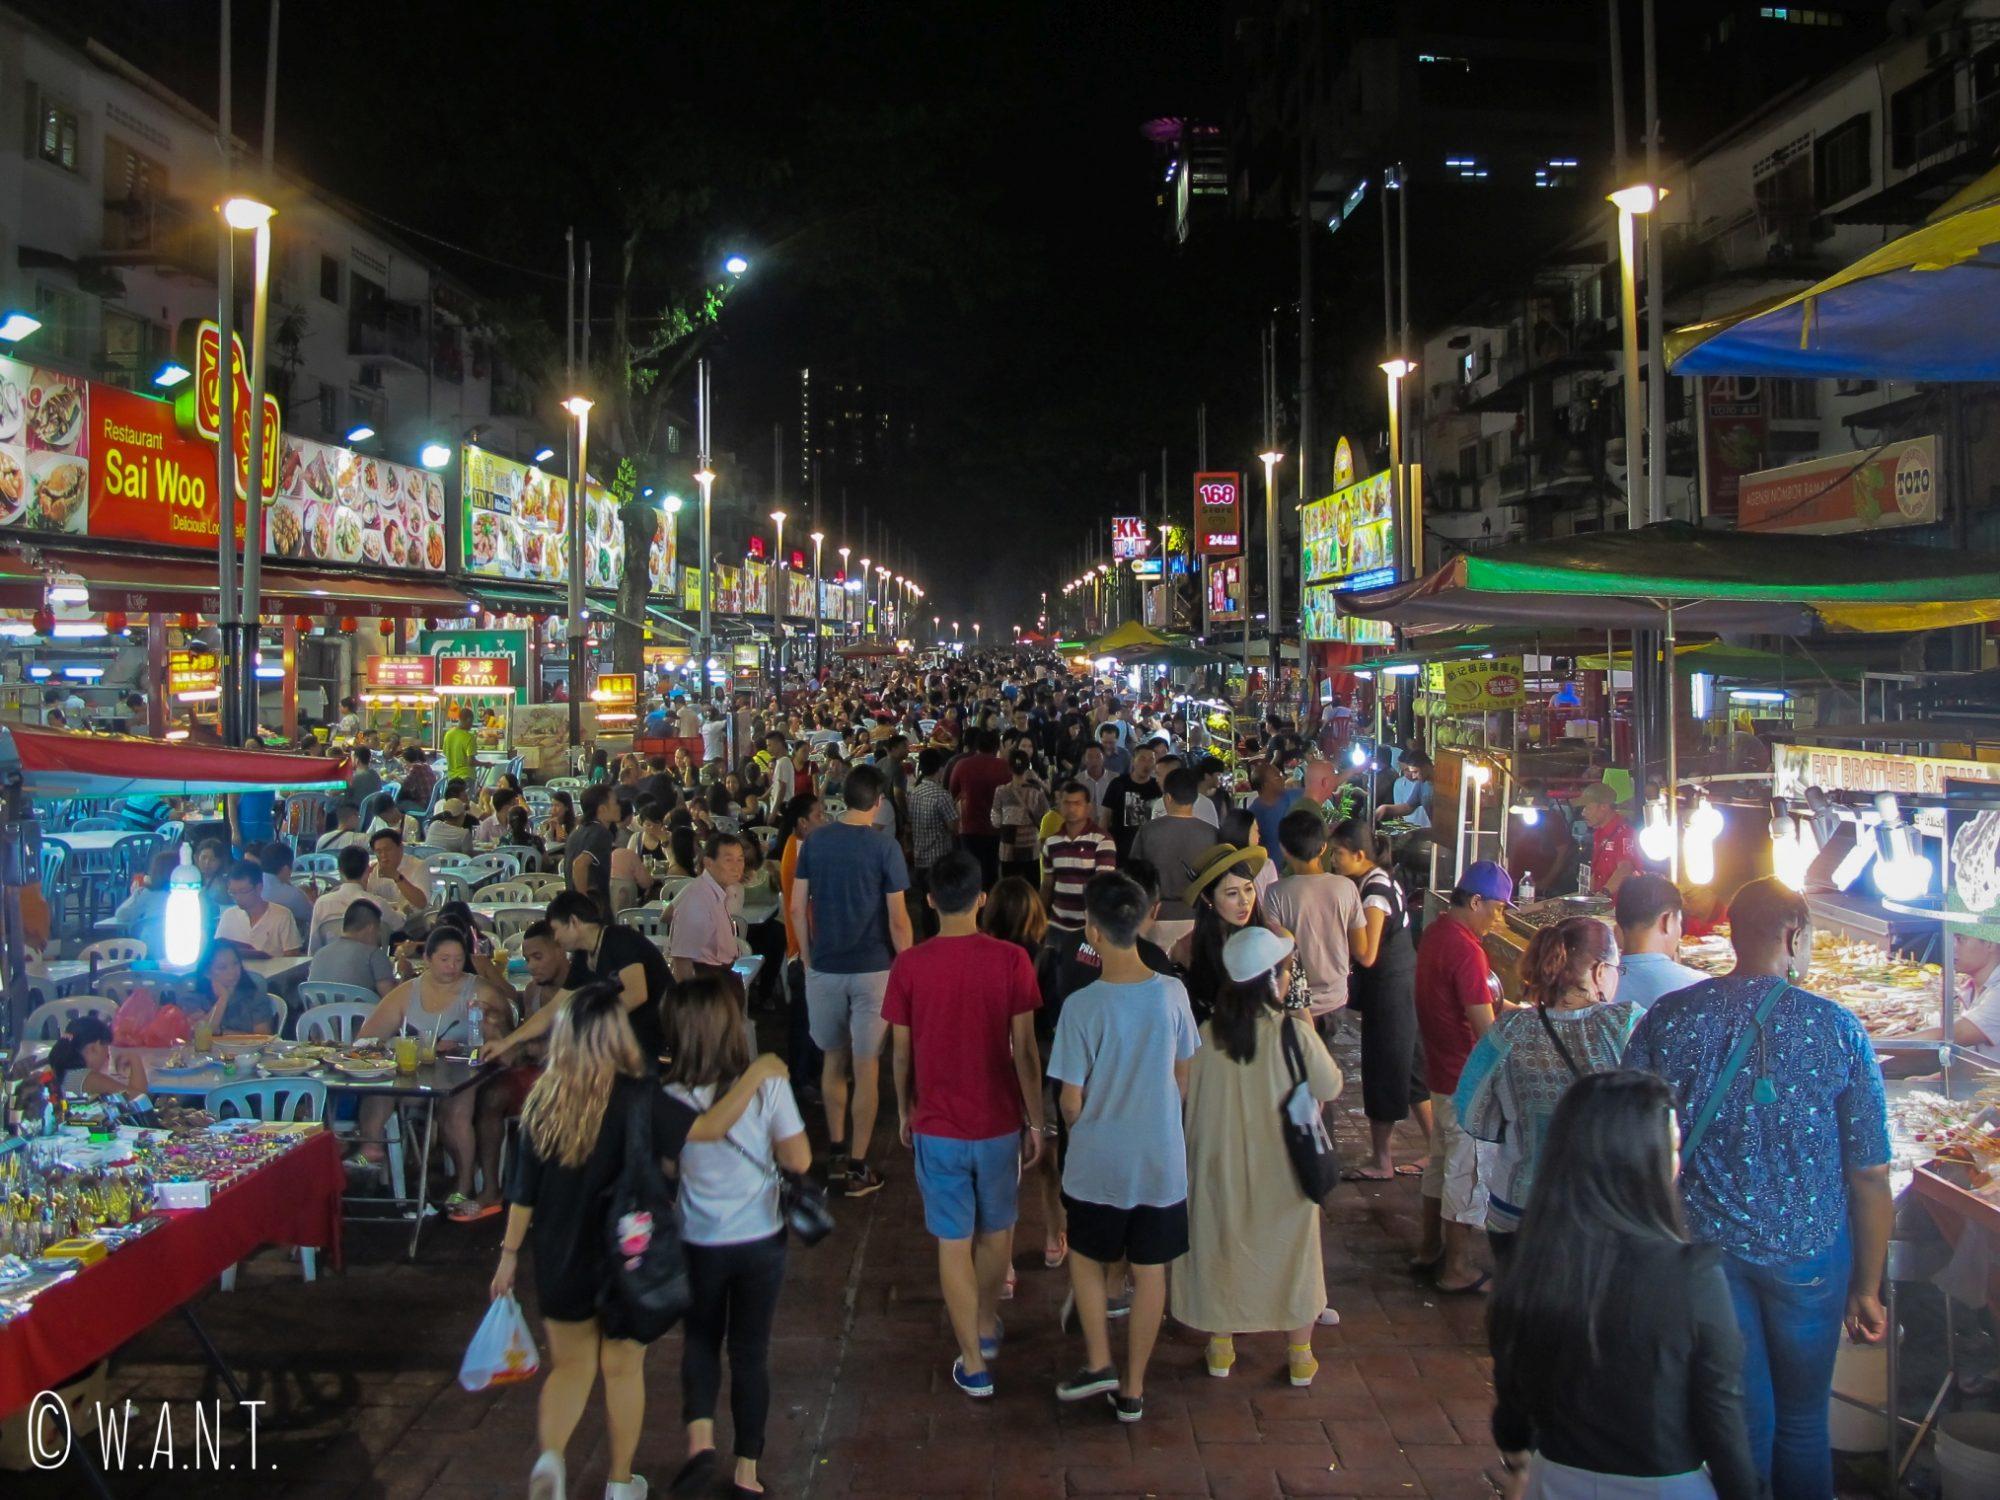 La rue Jalan Alor, célèbre pour sa nourriture de rue, est bondée à la nuit tombée